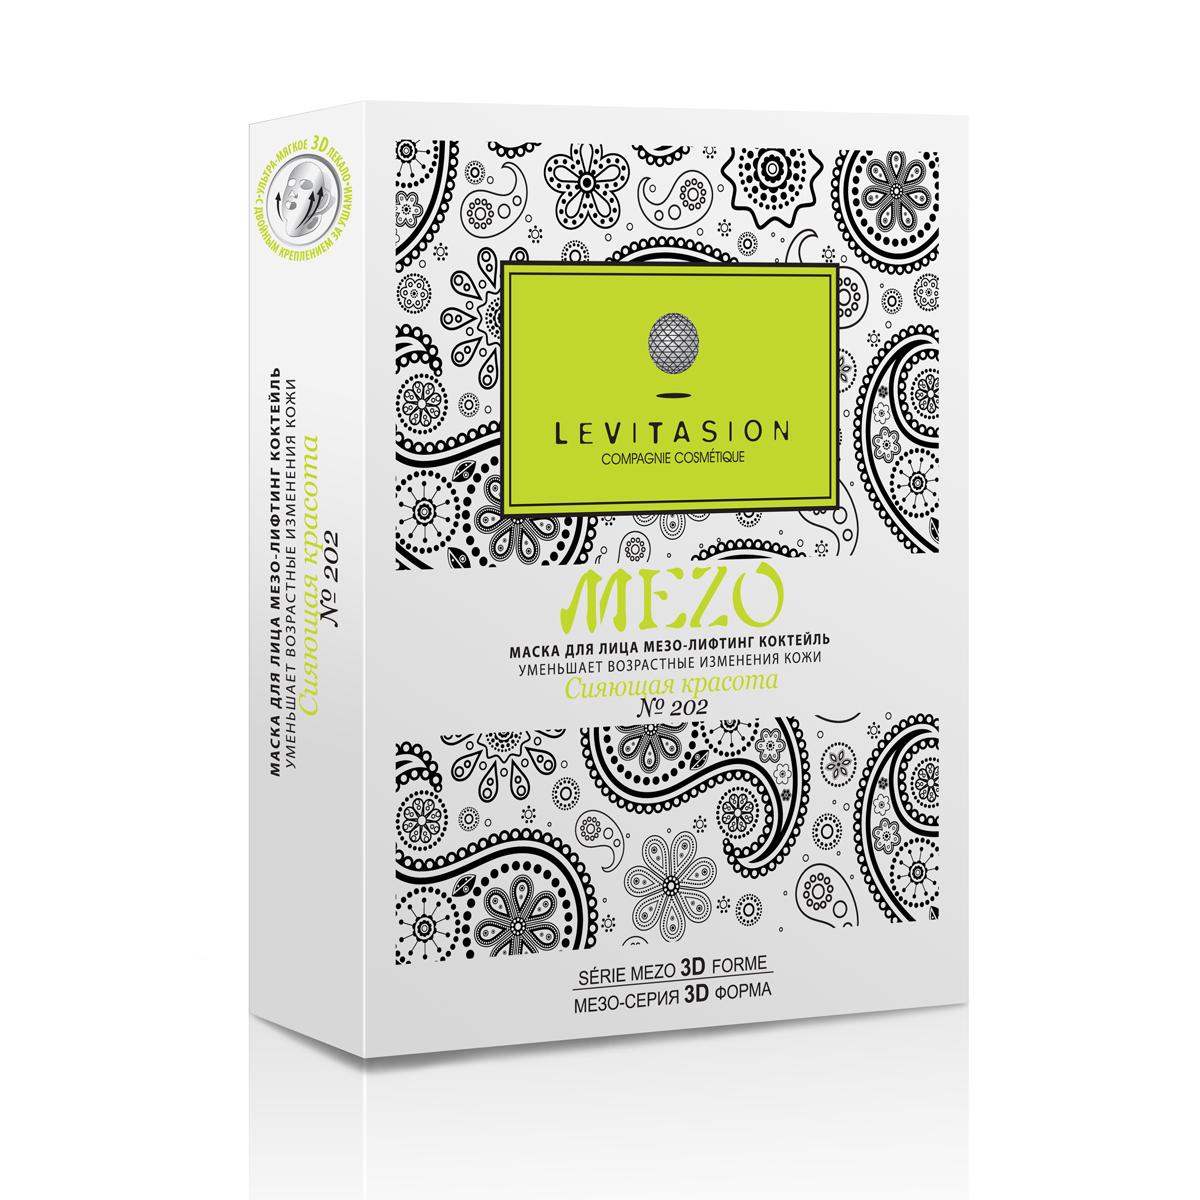 Levitasion Набор Mezo №202 Сияющая красота (5 масок), 190 млМПН0202Обеспечивает мощный лифтинг, глубоко насыщает кожу влагой, укрепляет дермальный матрикс, восстанавливает упругость кожи, улучшает цвет лица, дарит выраженный омолаживающий эффект, активно борется с проблемами дряблости кожи.